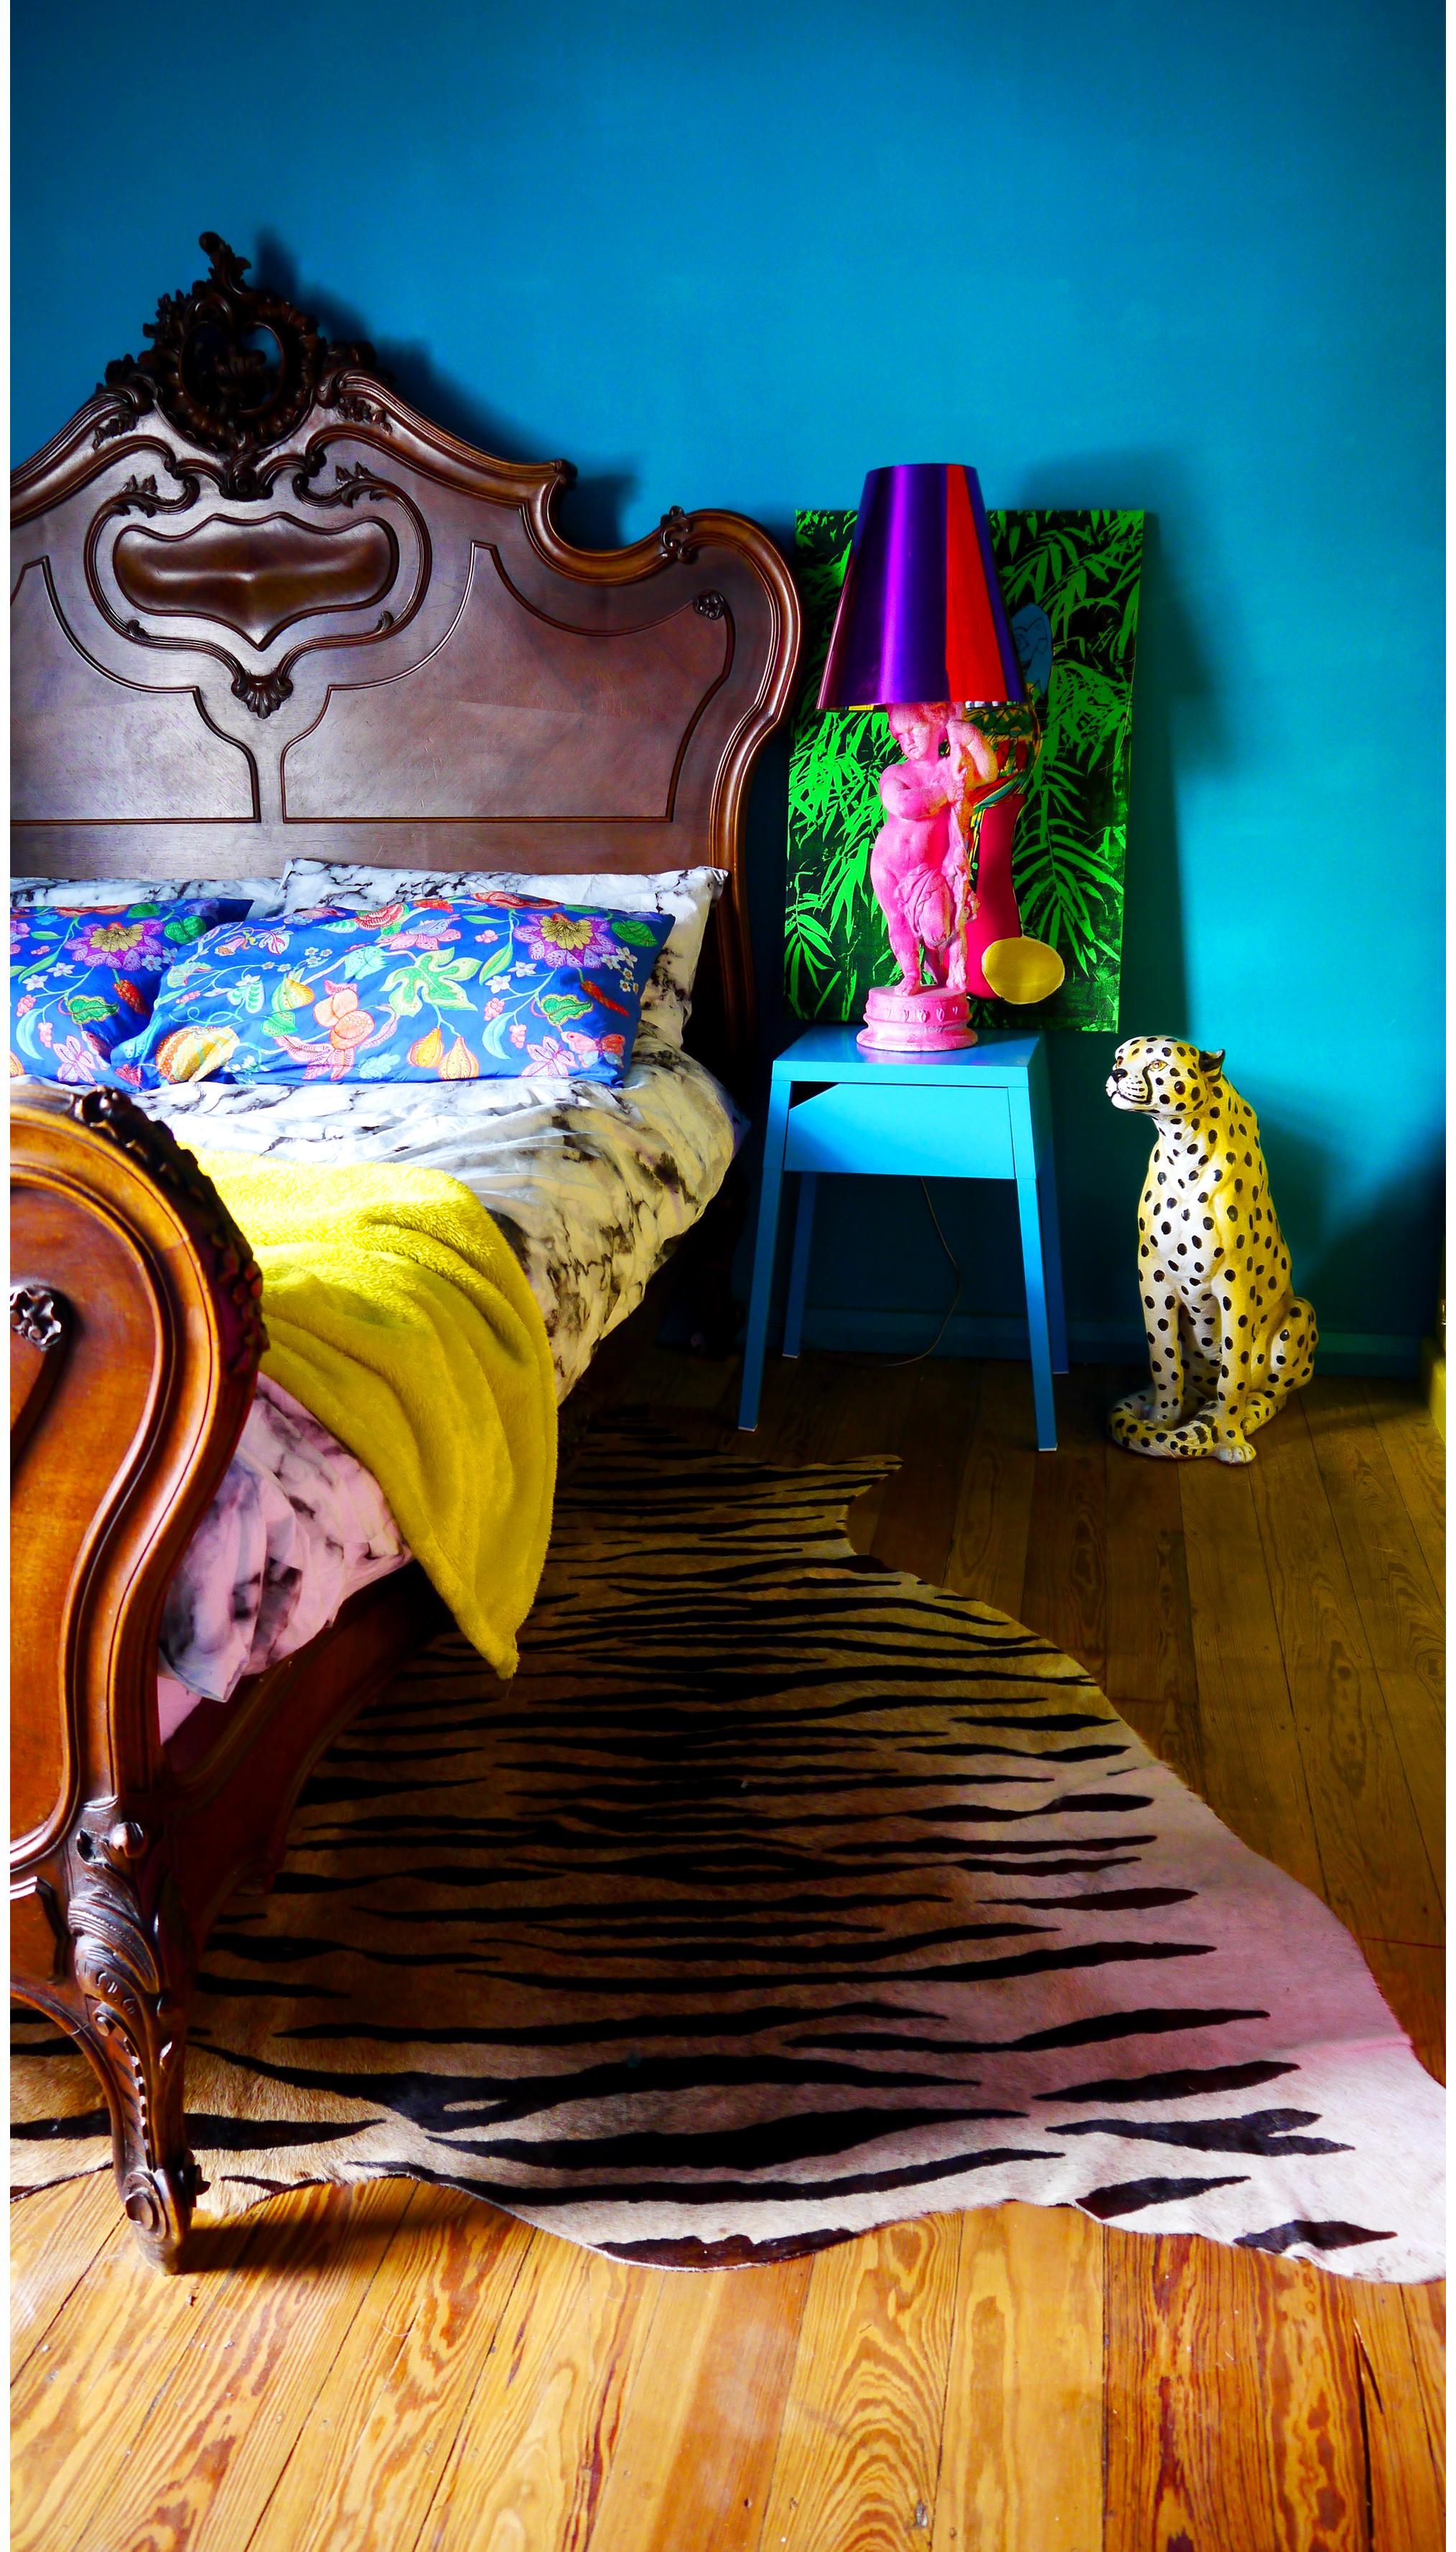 Bedroom Bed Portrait w border.jpg